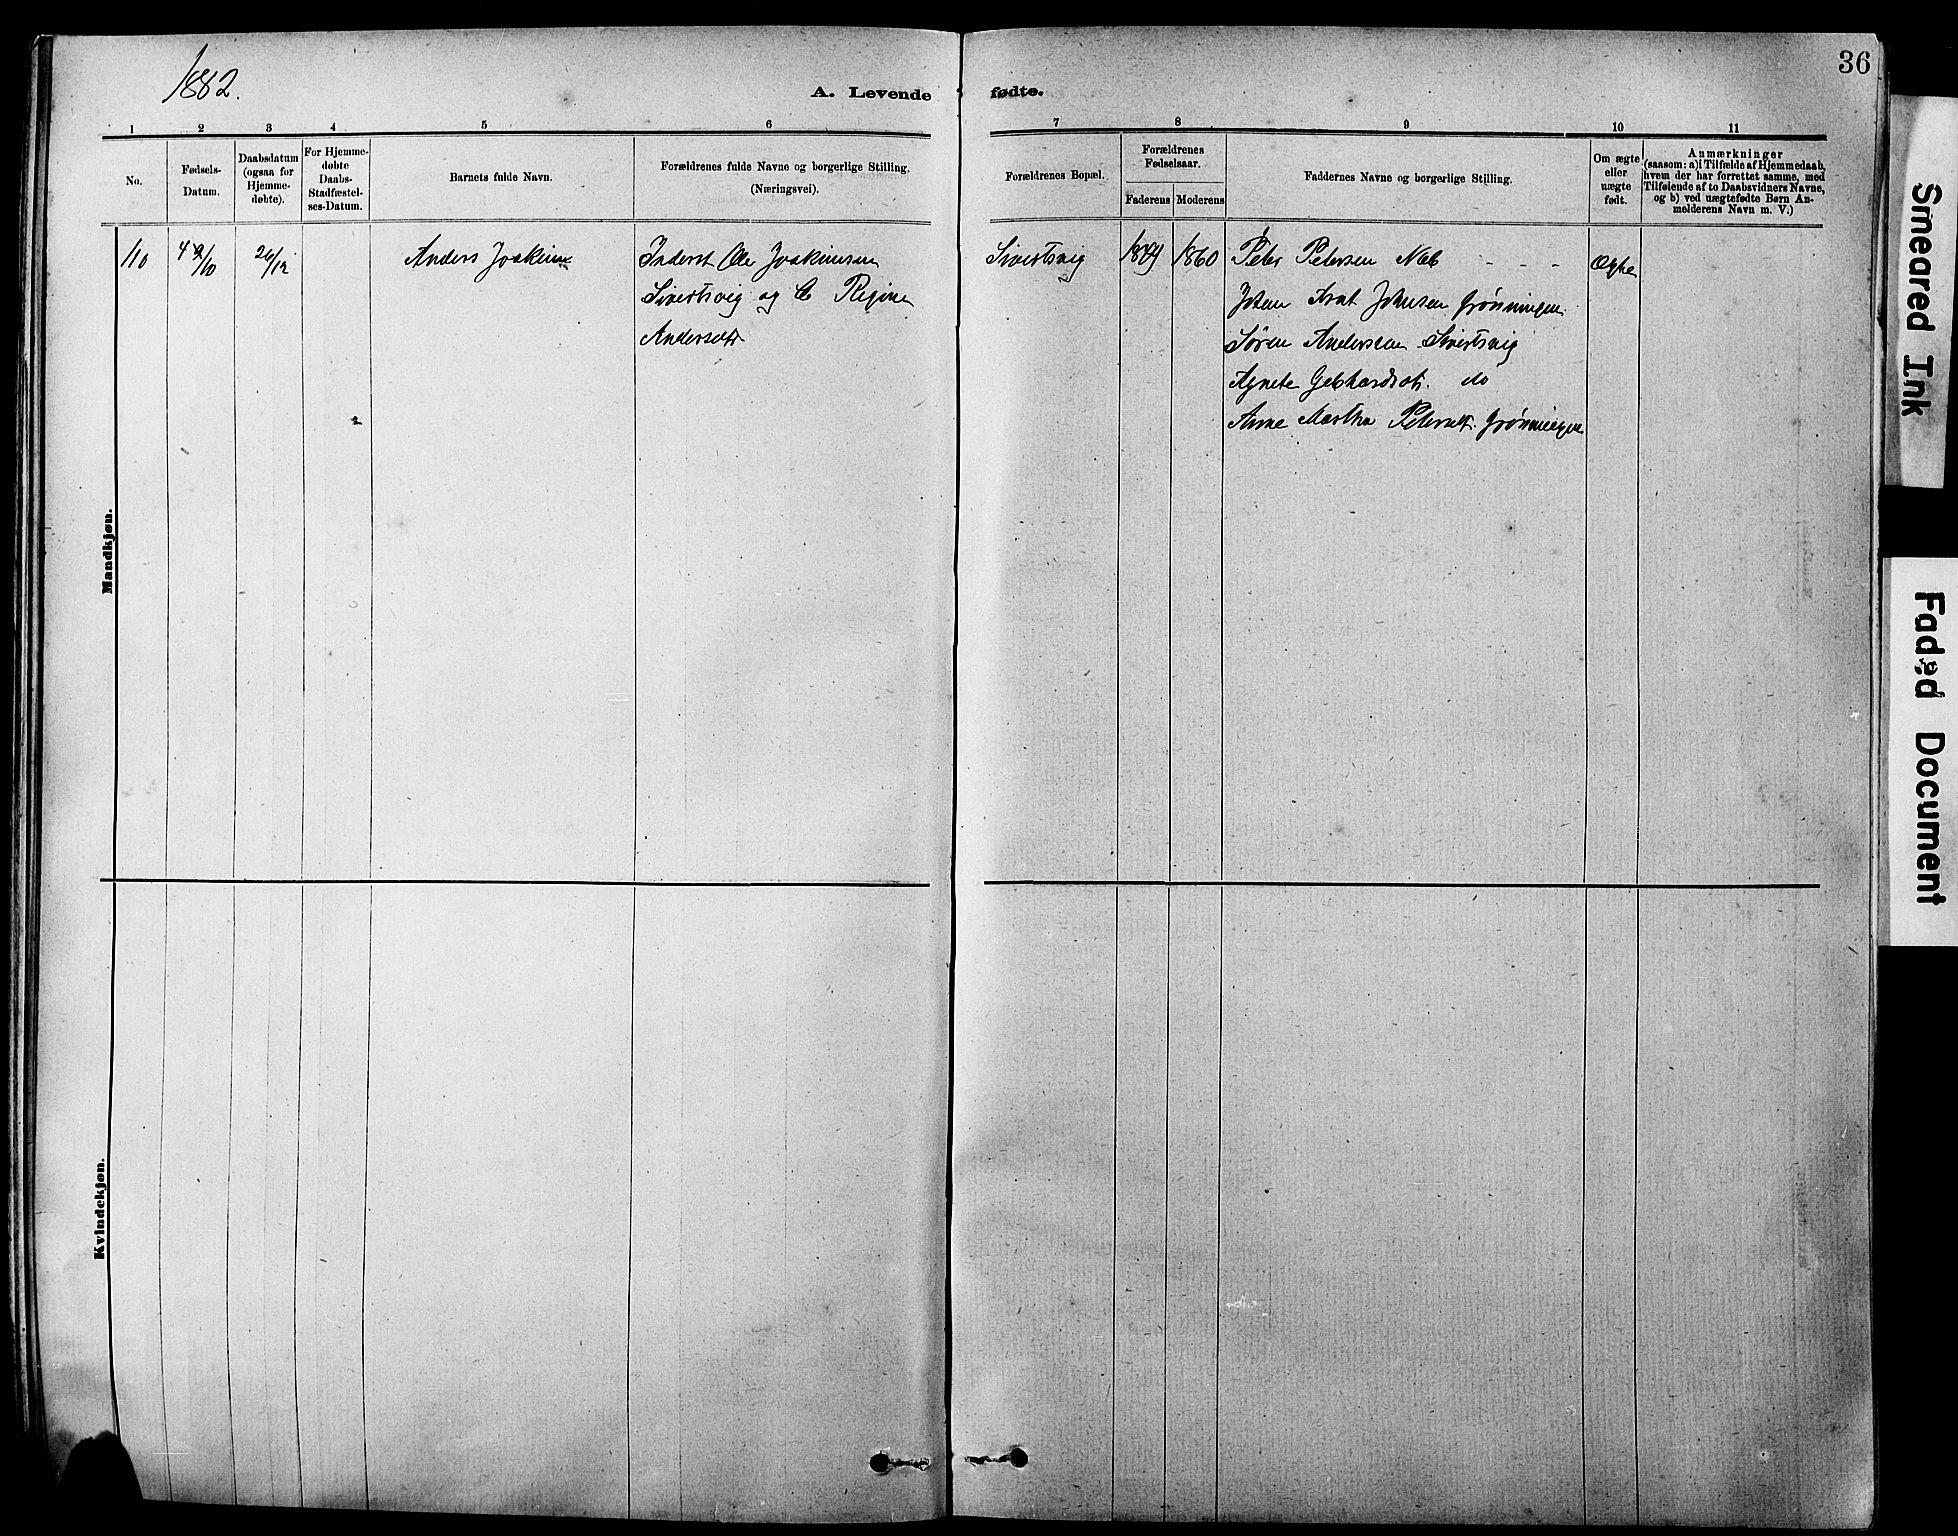 SAT, Ministerialprotokoller, klokkerbøker og fødselsregistre - Sør-Trøndelag, 647/L0636: Klokkerbok nr. 647C01, 1881-1884, s. 36